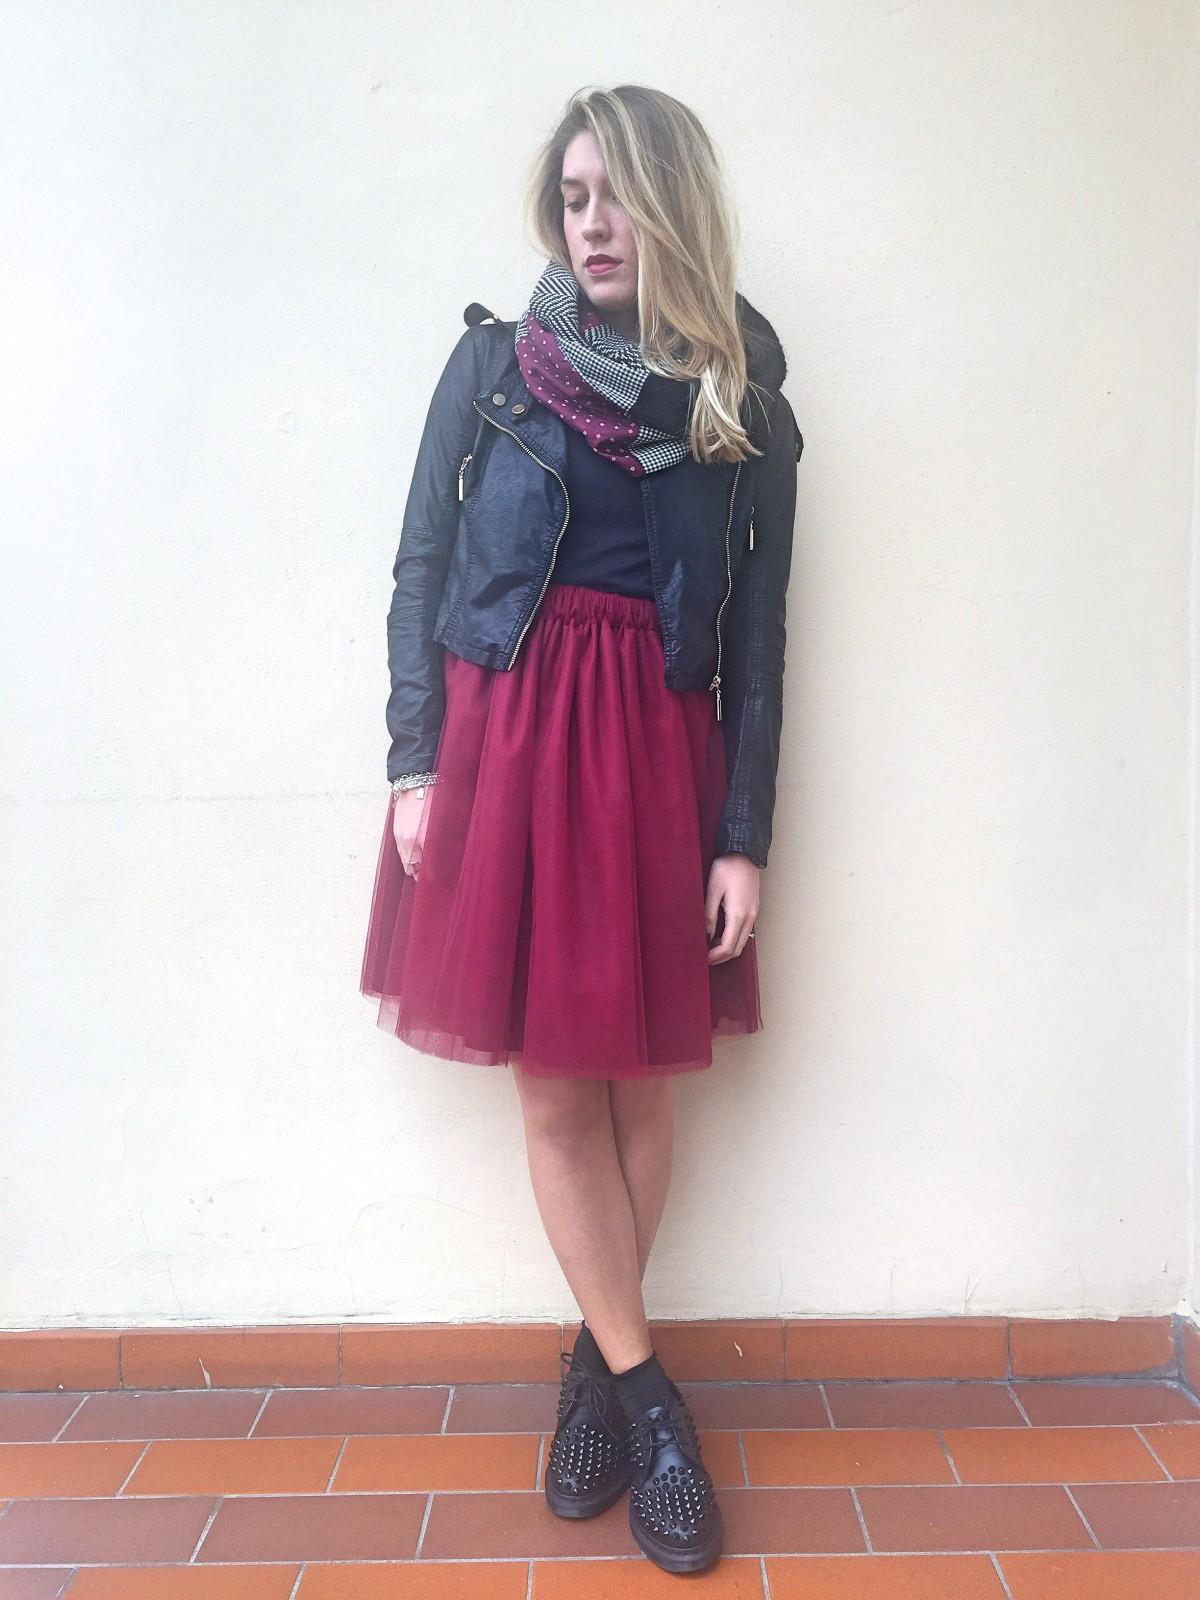 Gonna Gonna Lunga Outfit Outfit Gonna Lunga Lunga Bordeaux Outfit Bordeaux 543qARjL